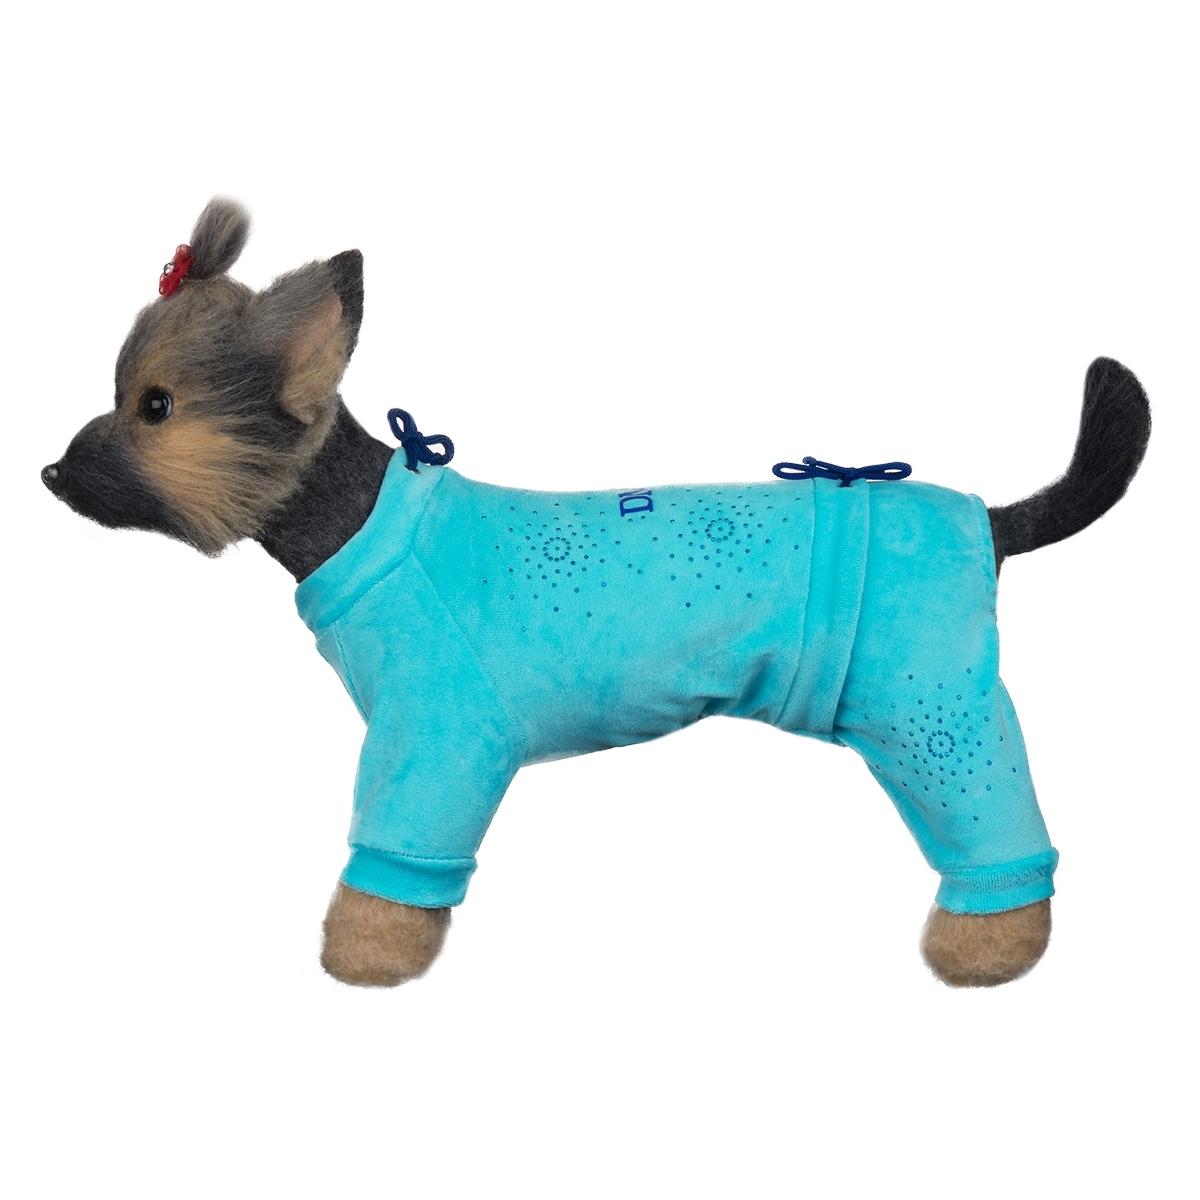 Dogmoda Комбинезон для собак велюровый Галактика-3 (голубой)0120710Красивый и уютный велюровый комбинезон модного цвета, украшен стразами. Две затяжки - на шее и животе, позволят этому комбинезону идеально сидеть на собаке любого телосложения.